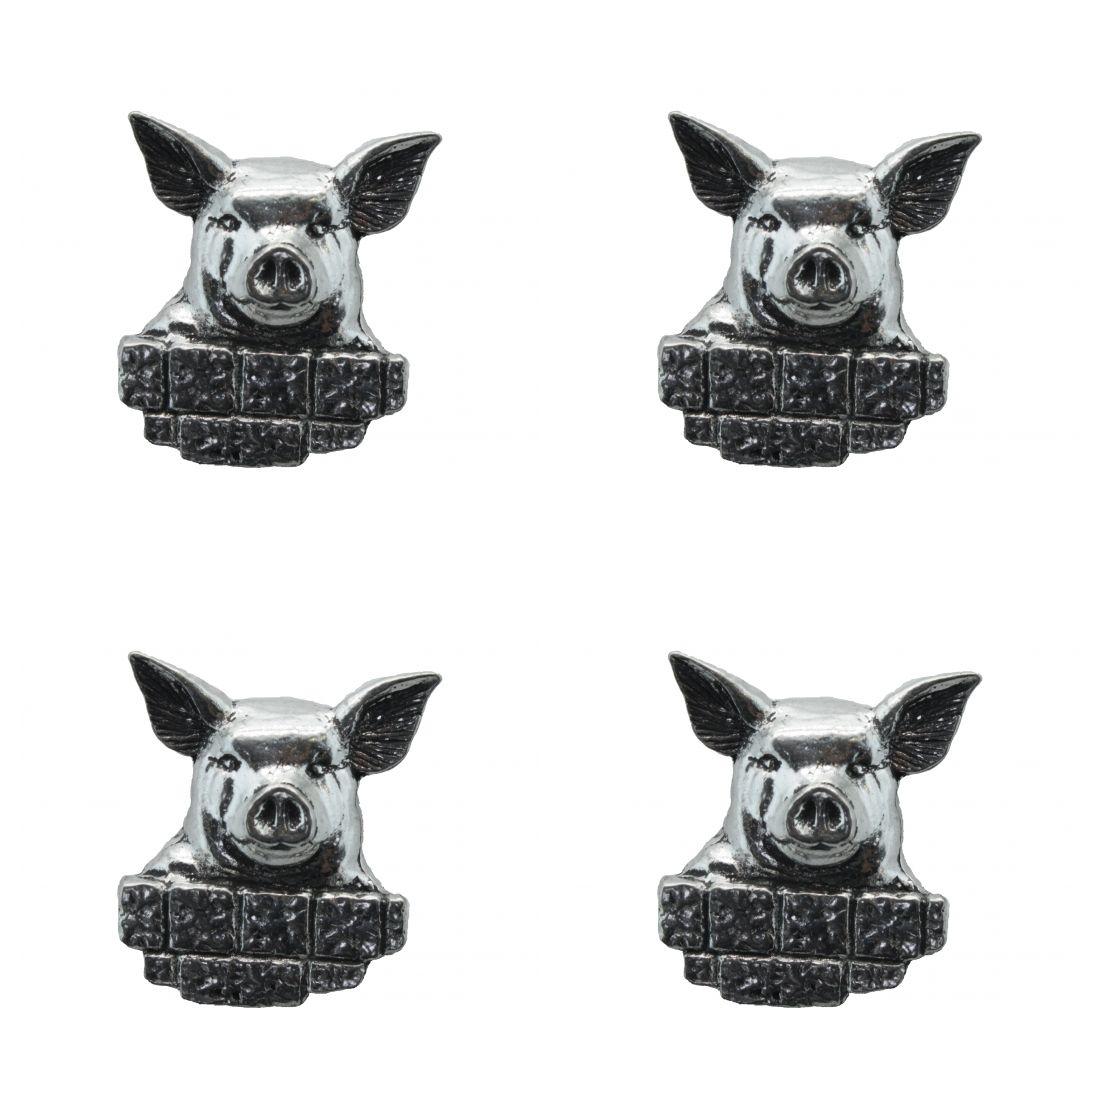 4x Pin Anstecker Badge Kopf Schwein, 2,9x3,1cm